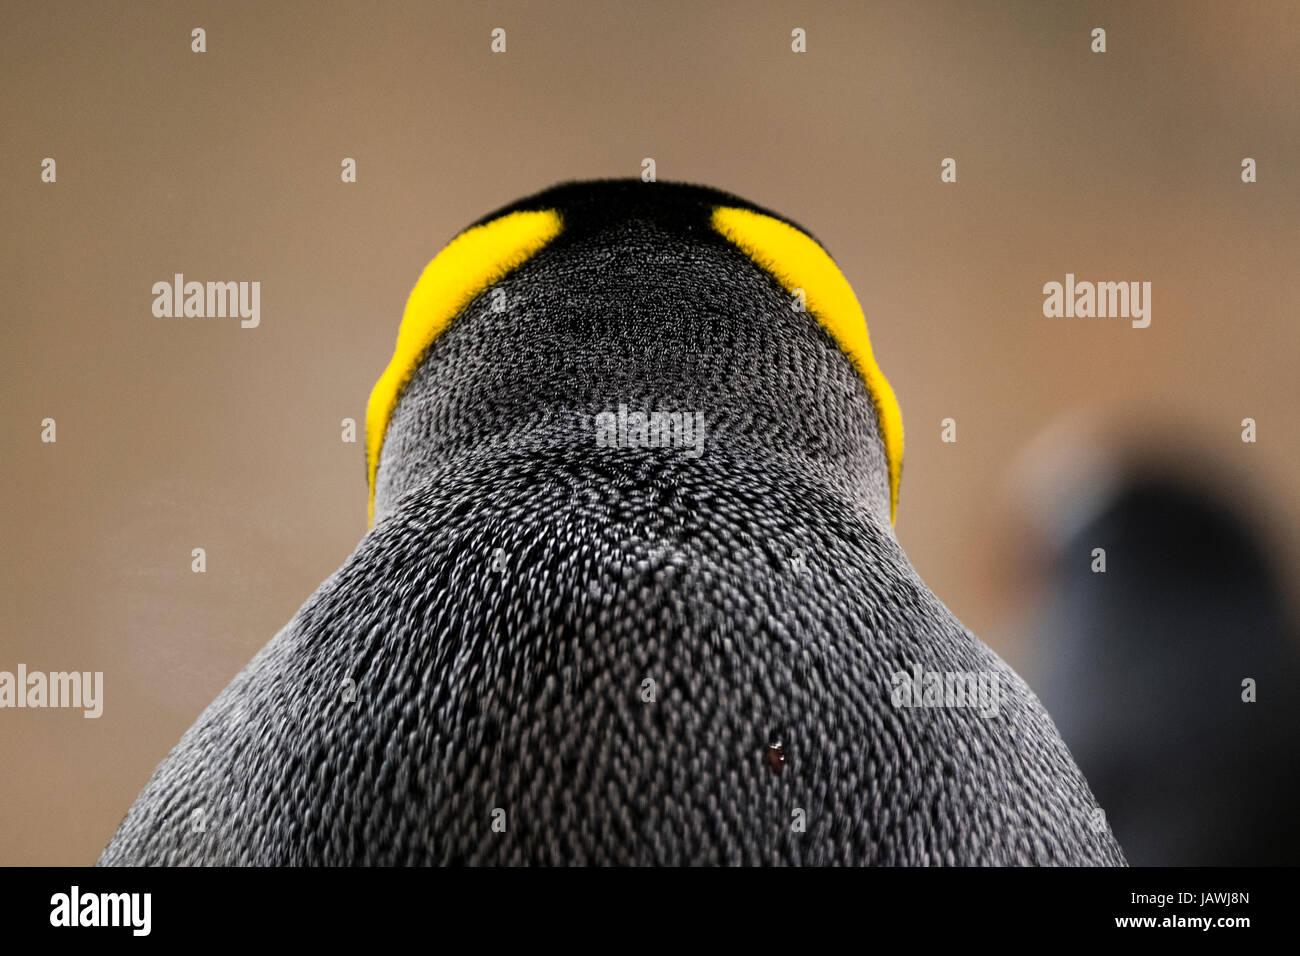 Colore giallo-arancione della testa e del collo giù piumaggio su un pinguino reale. Immagini Stock